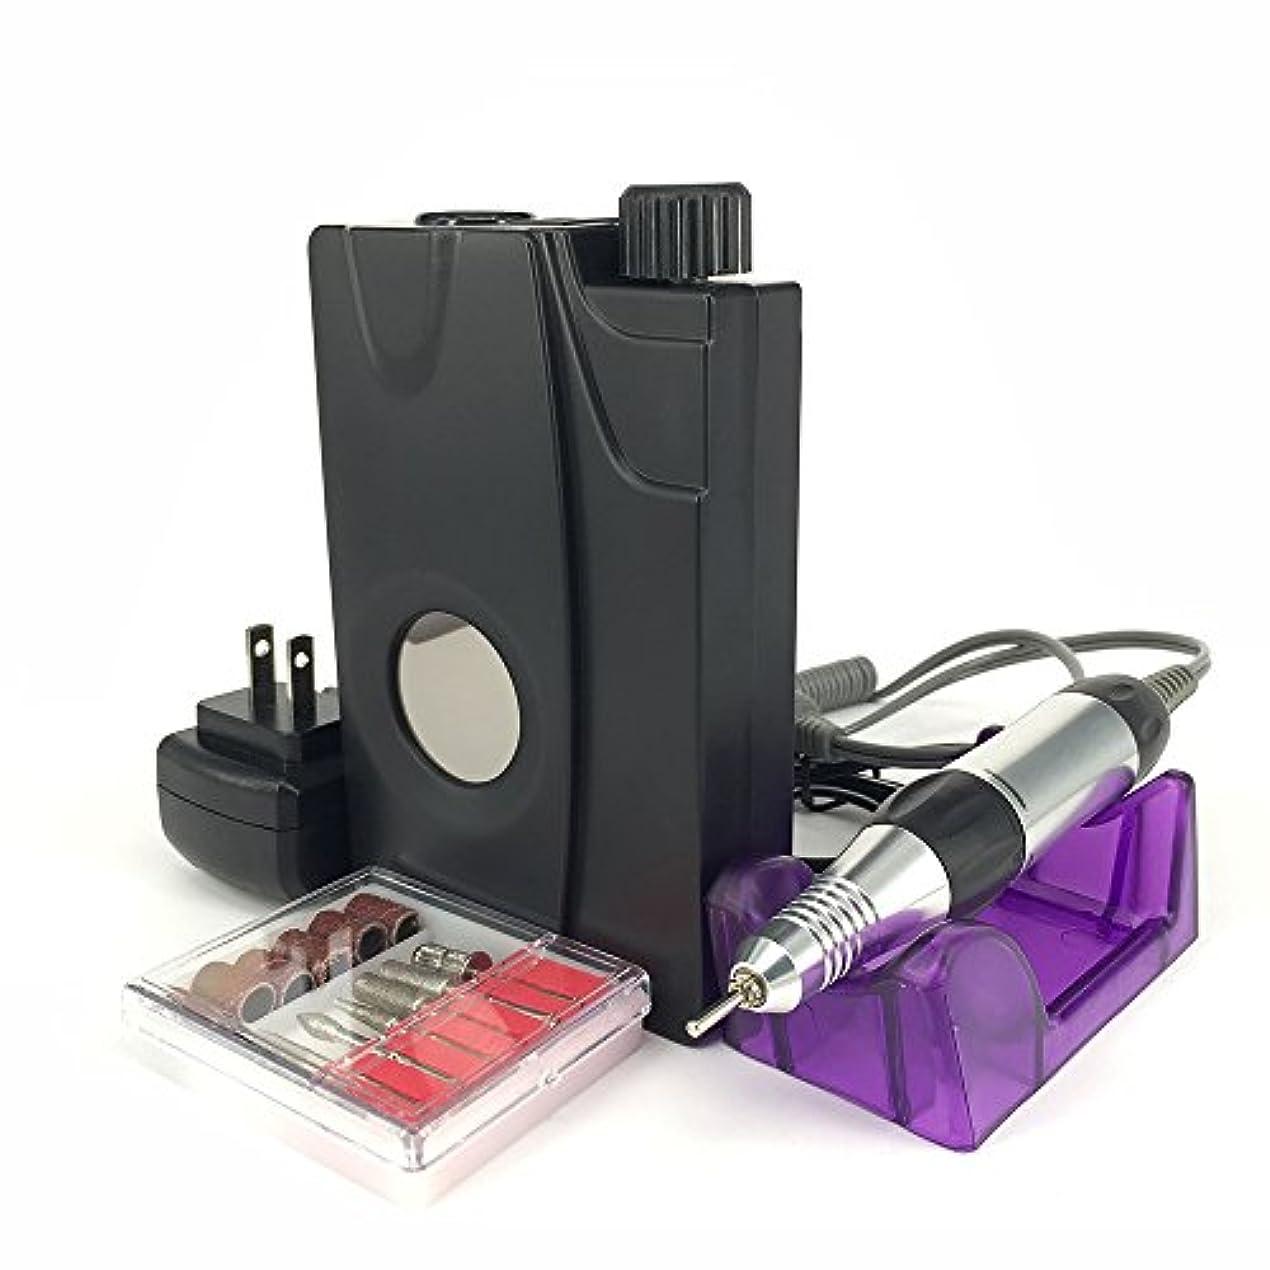 悪行逮捕相関するUZMEI ネイルアート機器コードレス充電式電気ネイルファイルドリルマシンディスプレイスクリーン(黒)